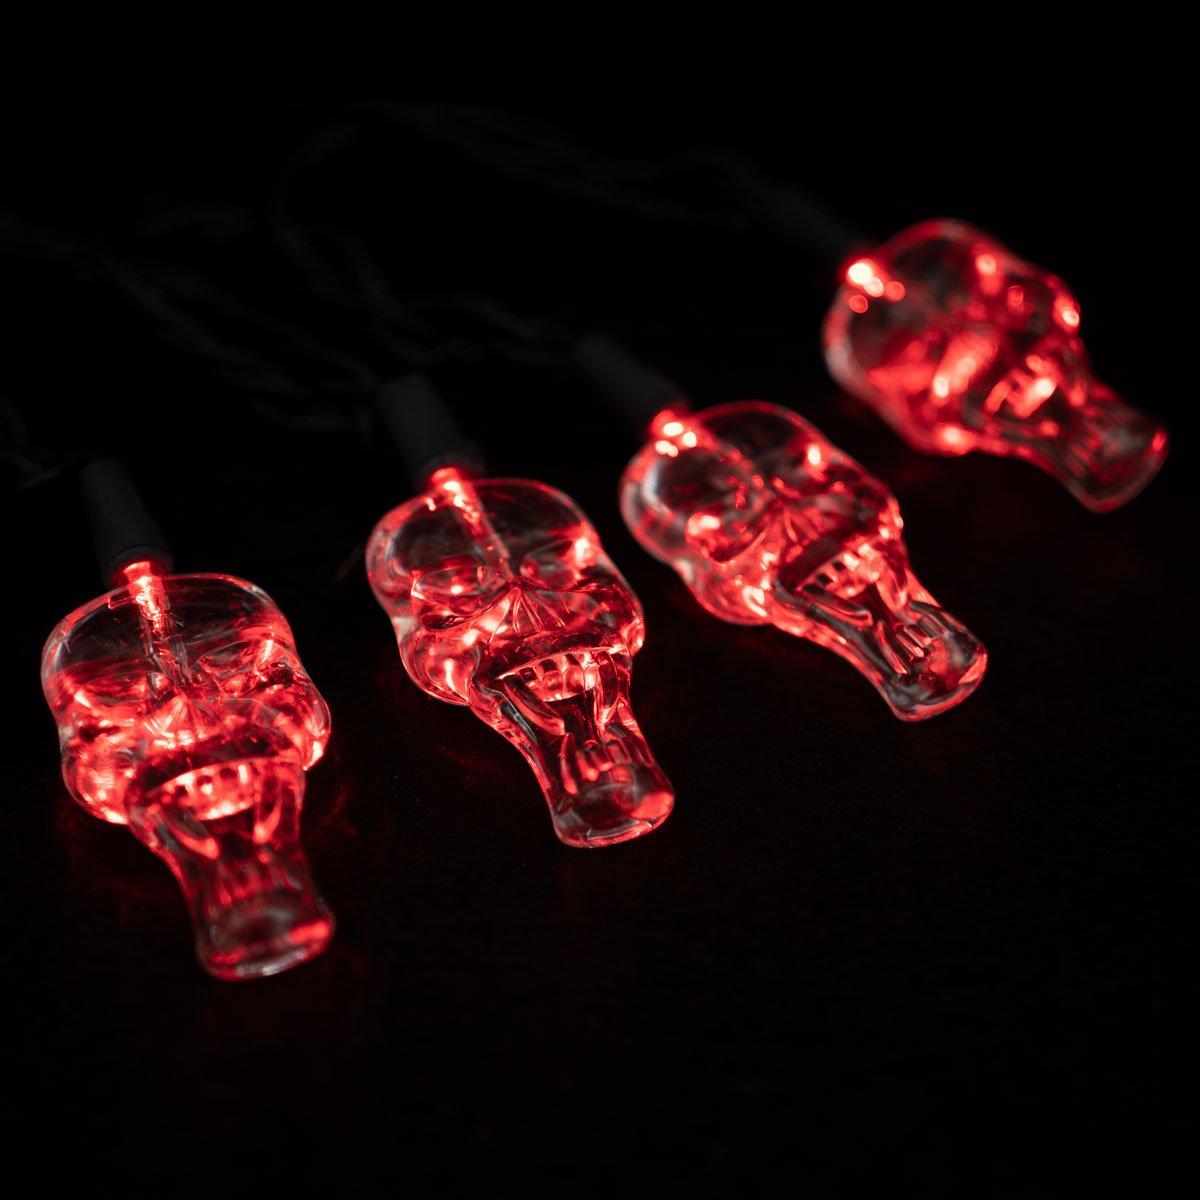 LED Red Skull Lights String Set